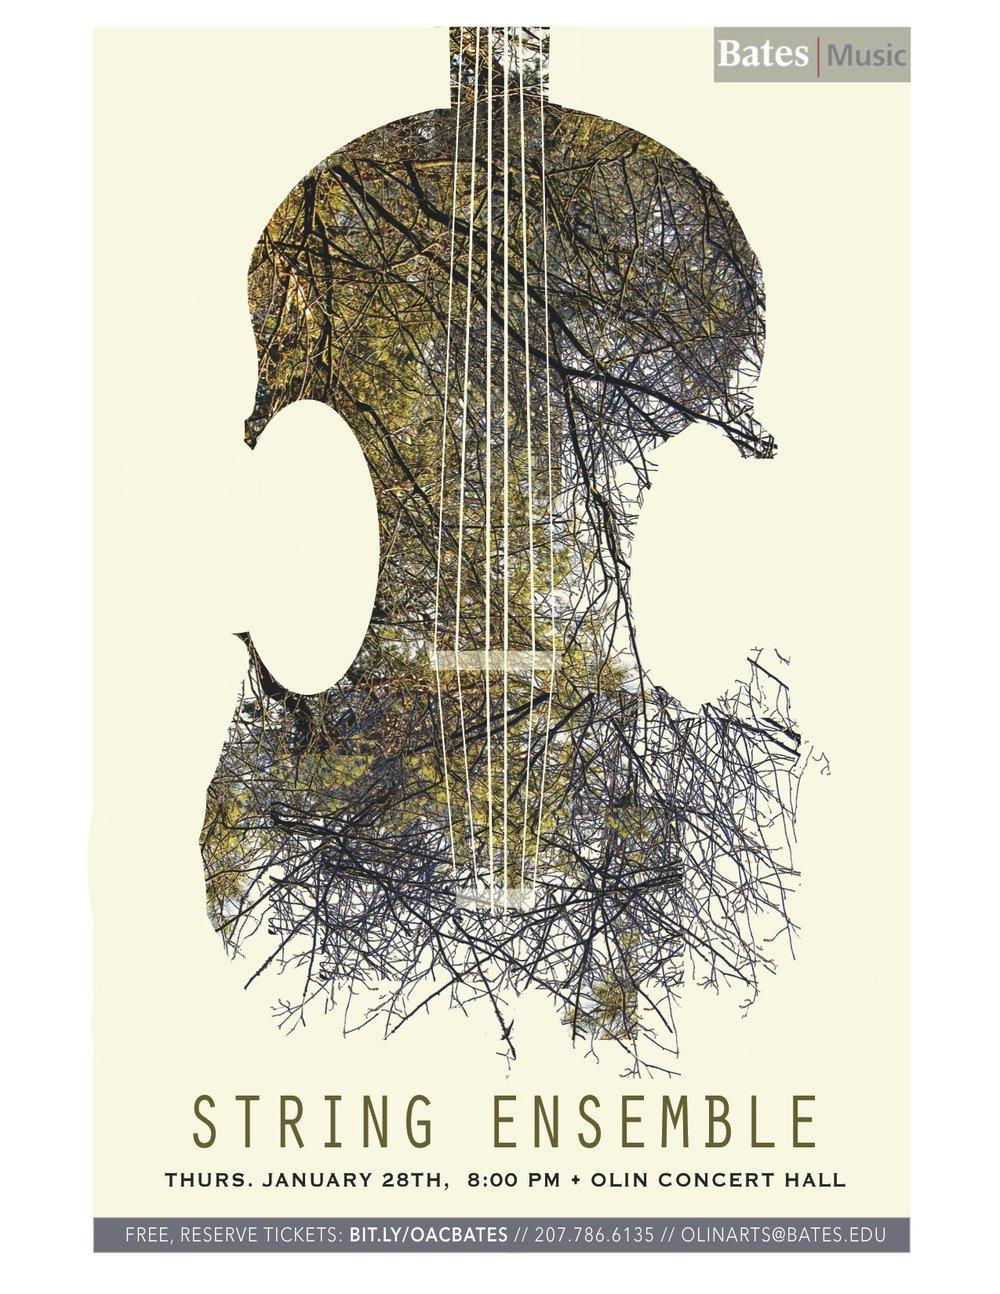 Tree Violin Poster.jpg